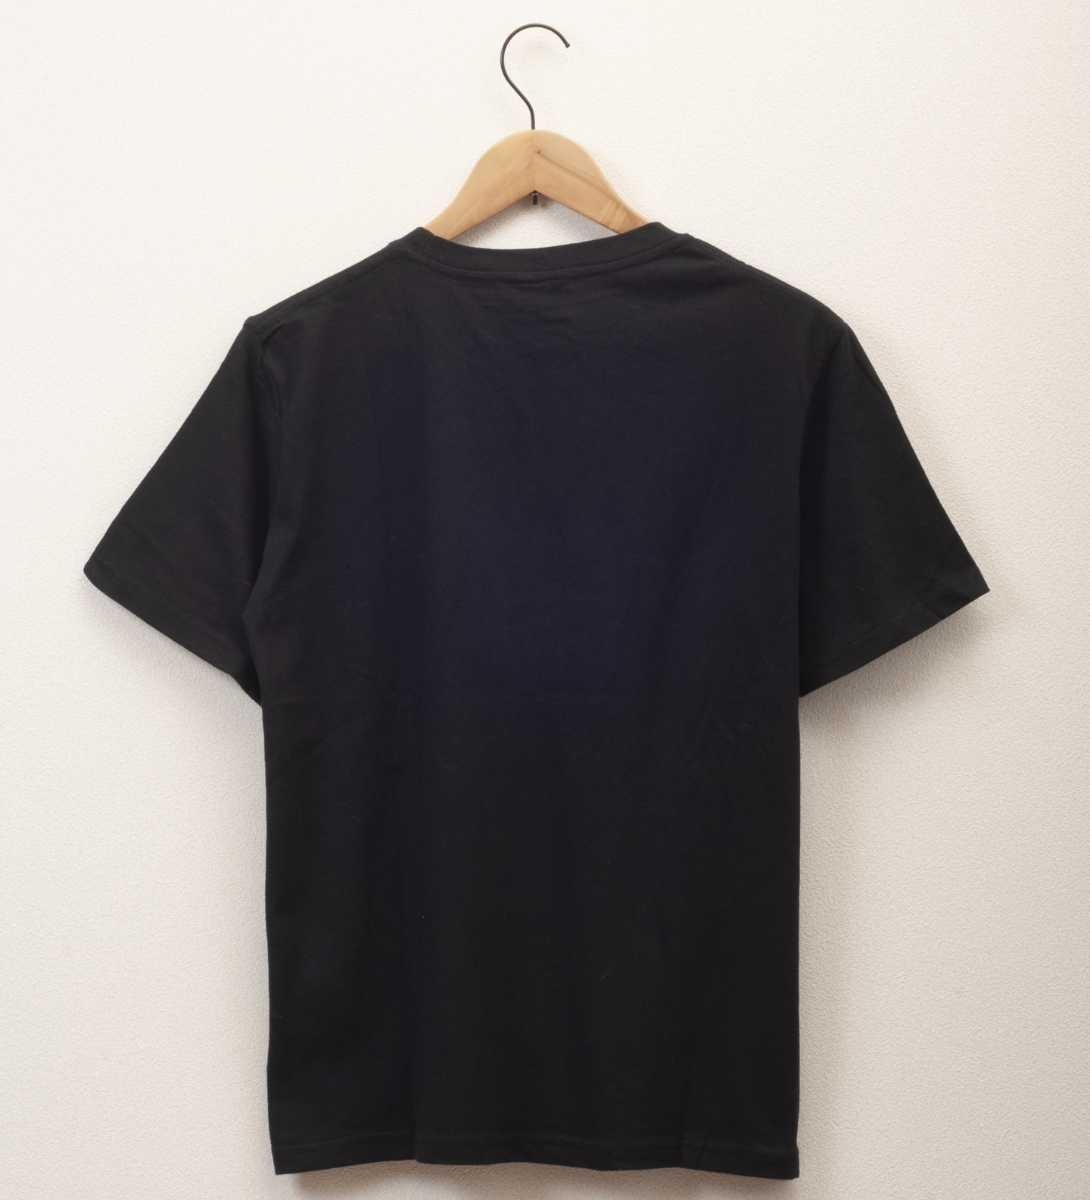 【新品未使用】M 猫缶デザイン 半袖Tシャツ ブラック プリントTシャツ ネコ 猫 キャラT メンズ トップス 男女兼用 カワイイ cat にゃんこ